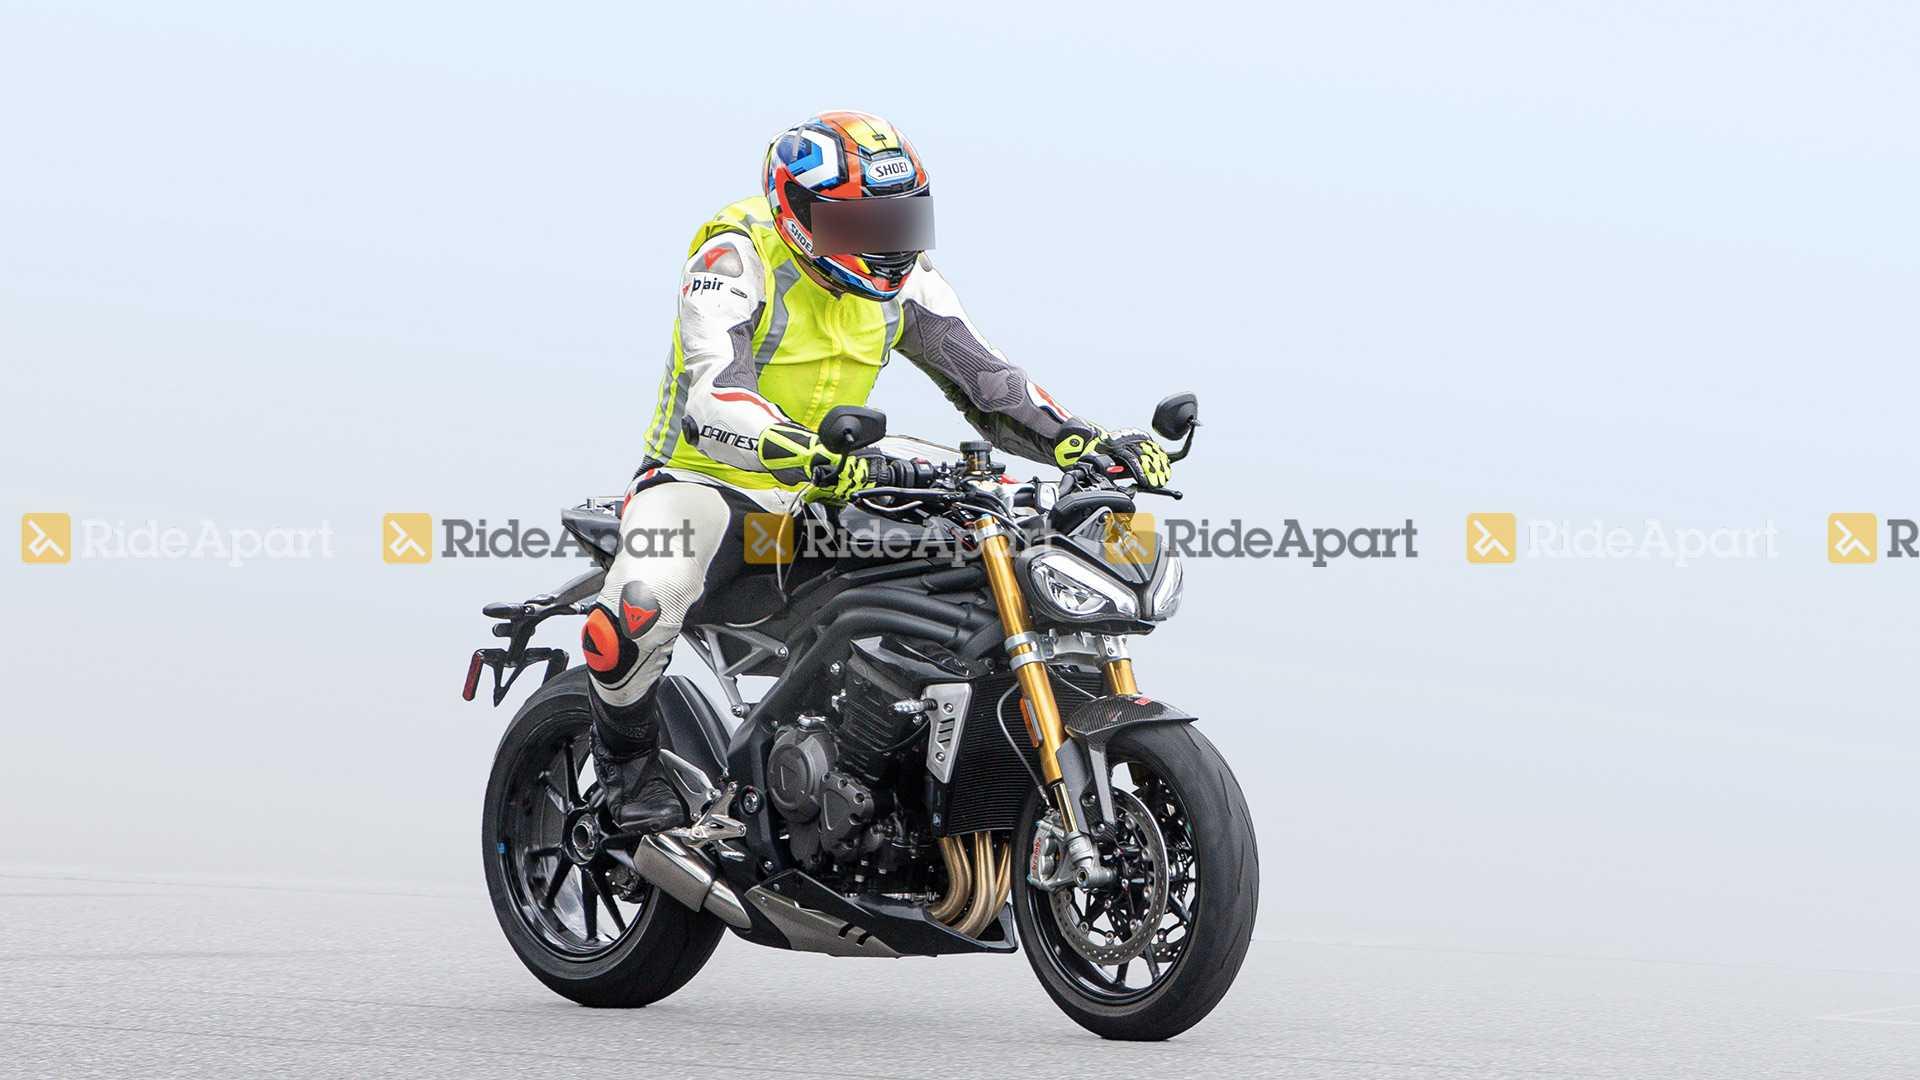 In arrivo la nuova Triumph Speed Triple 1160 - Motociclismo